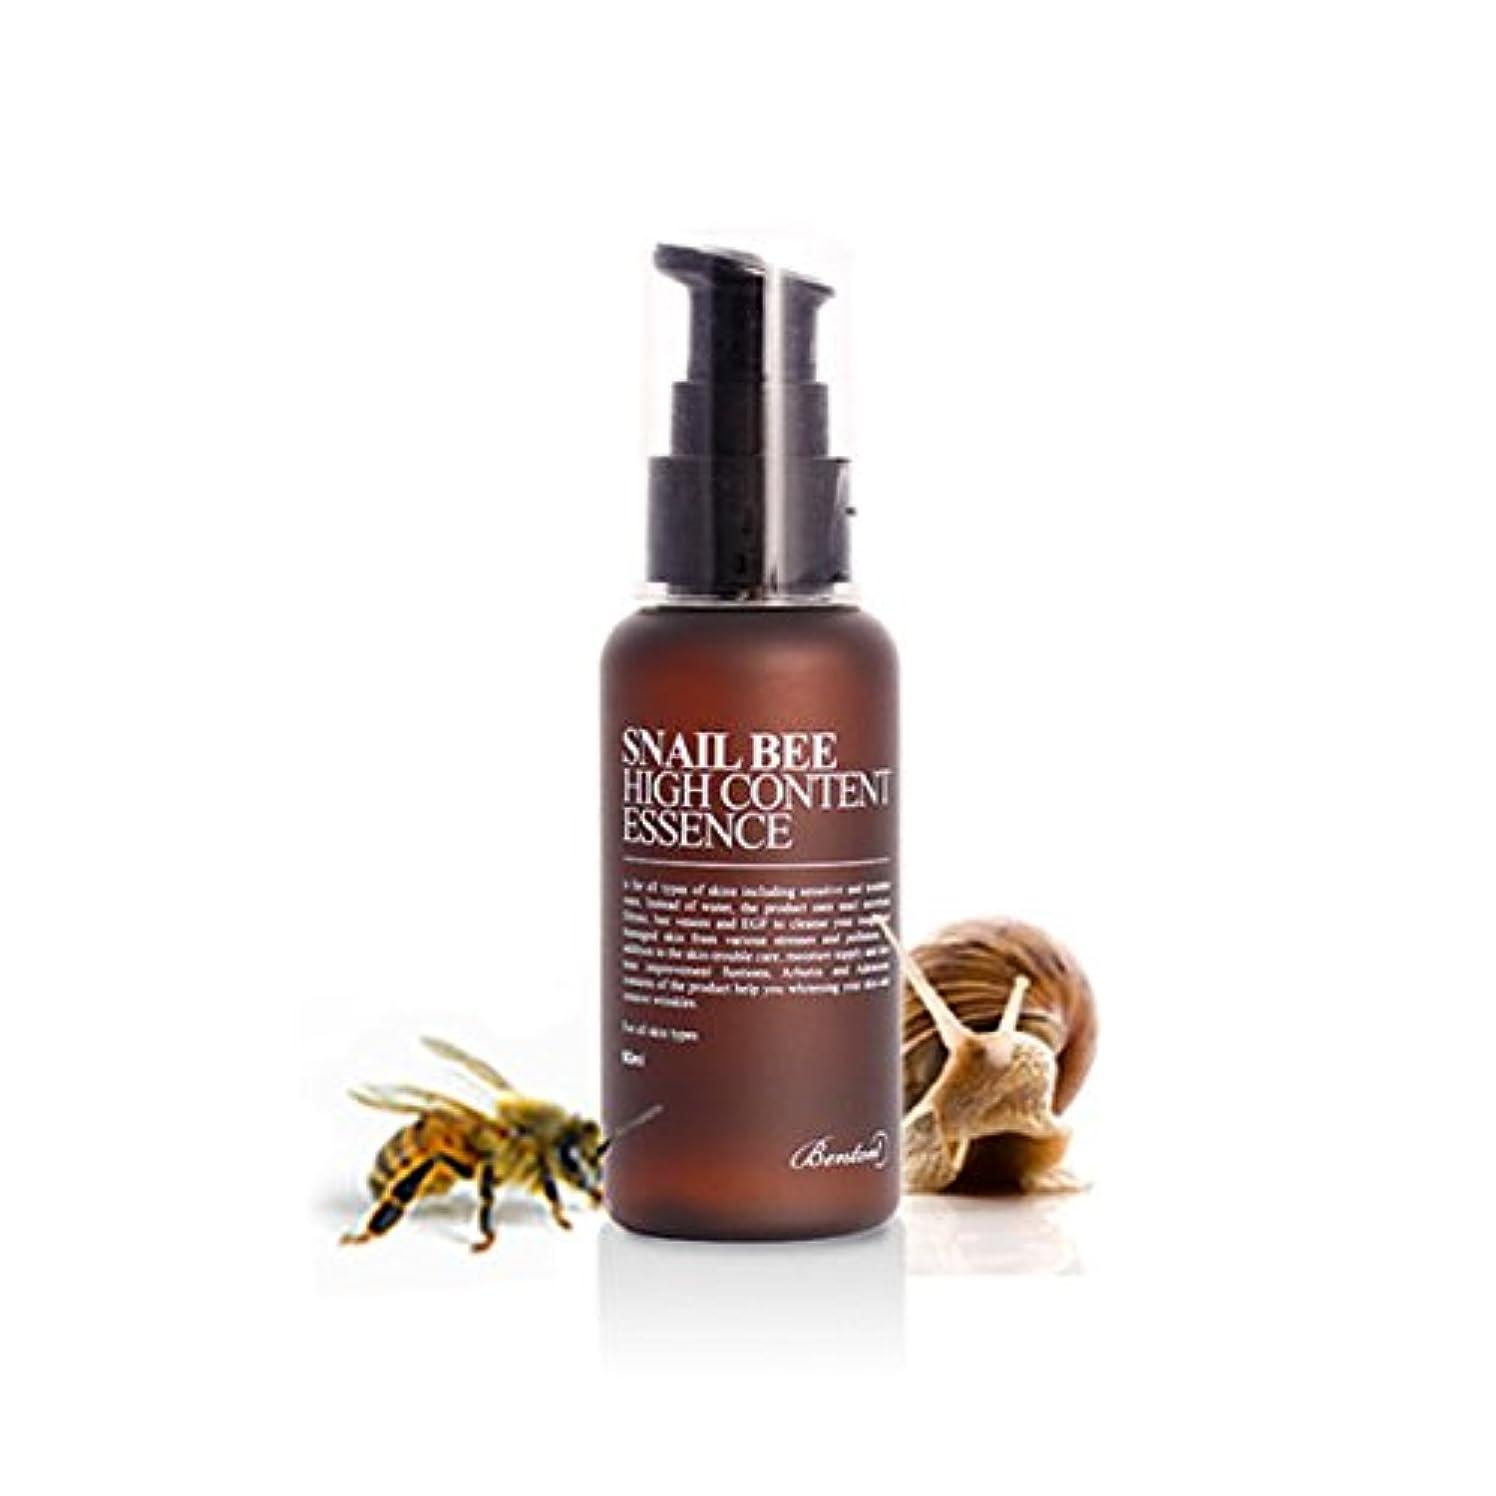 バズ暴力かわす[ベントン] Benton カタツムリ蜂ハイコンテンツエッセンス Snail Bee High Content Essence 60ml [並行輸入品]